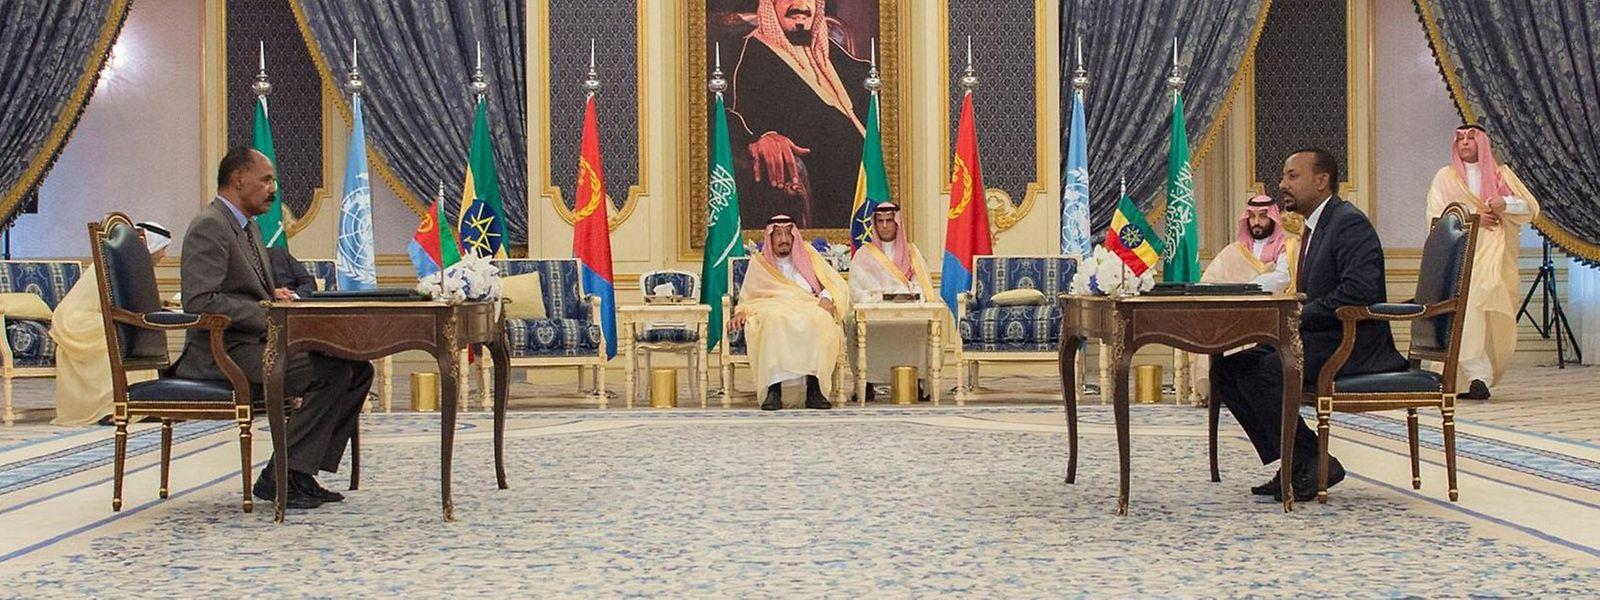 Isaias Afwerki (l.), Präsident von Eritrea, und Abiy Ahmed, Premierminister von Äthiopien, unterzeichnen im Beisein des saudischen Königs Salman (M.) einen Freundschaftsvertrag. Doch was ist das Papier wert?